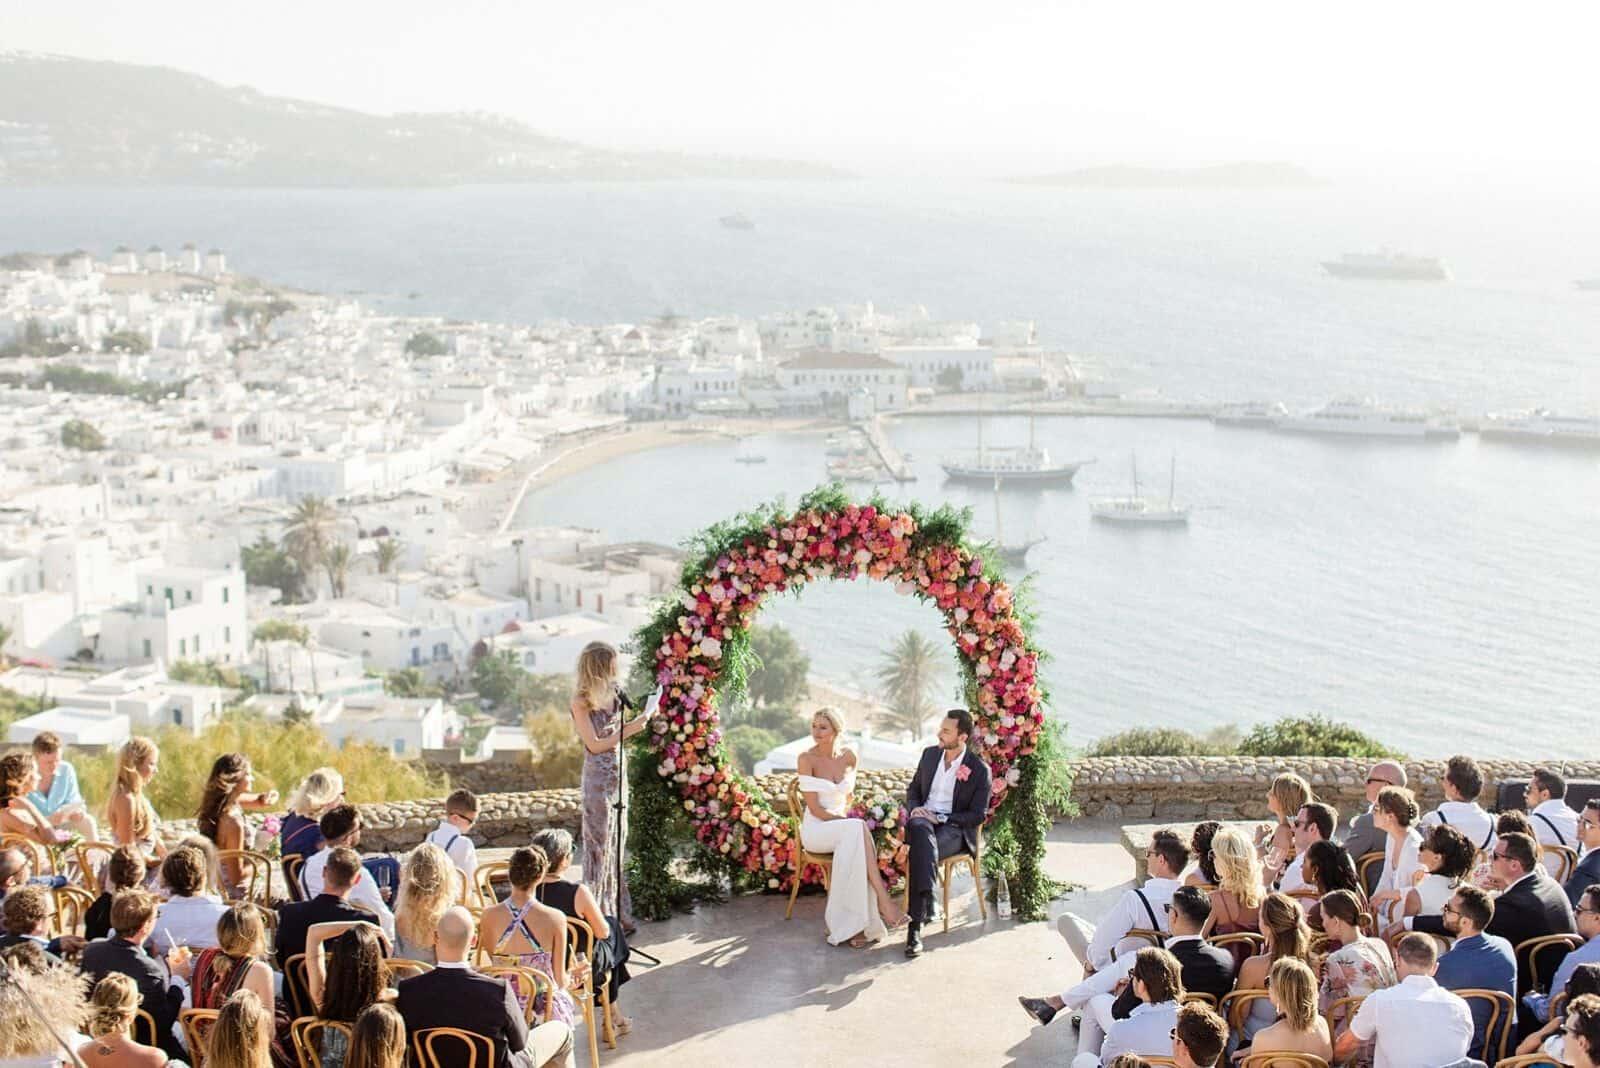 eine schöne griechische Hochzeit auf der Terrasse